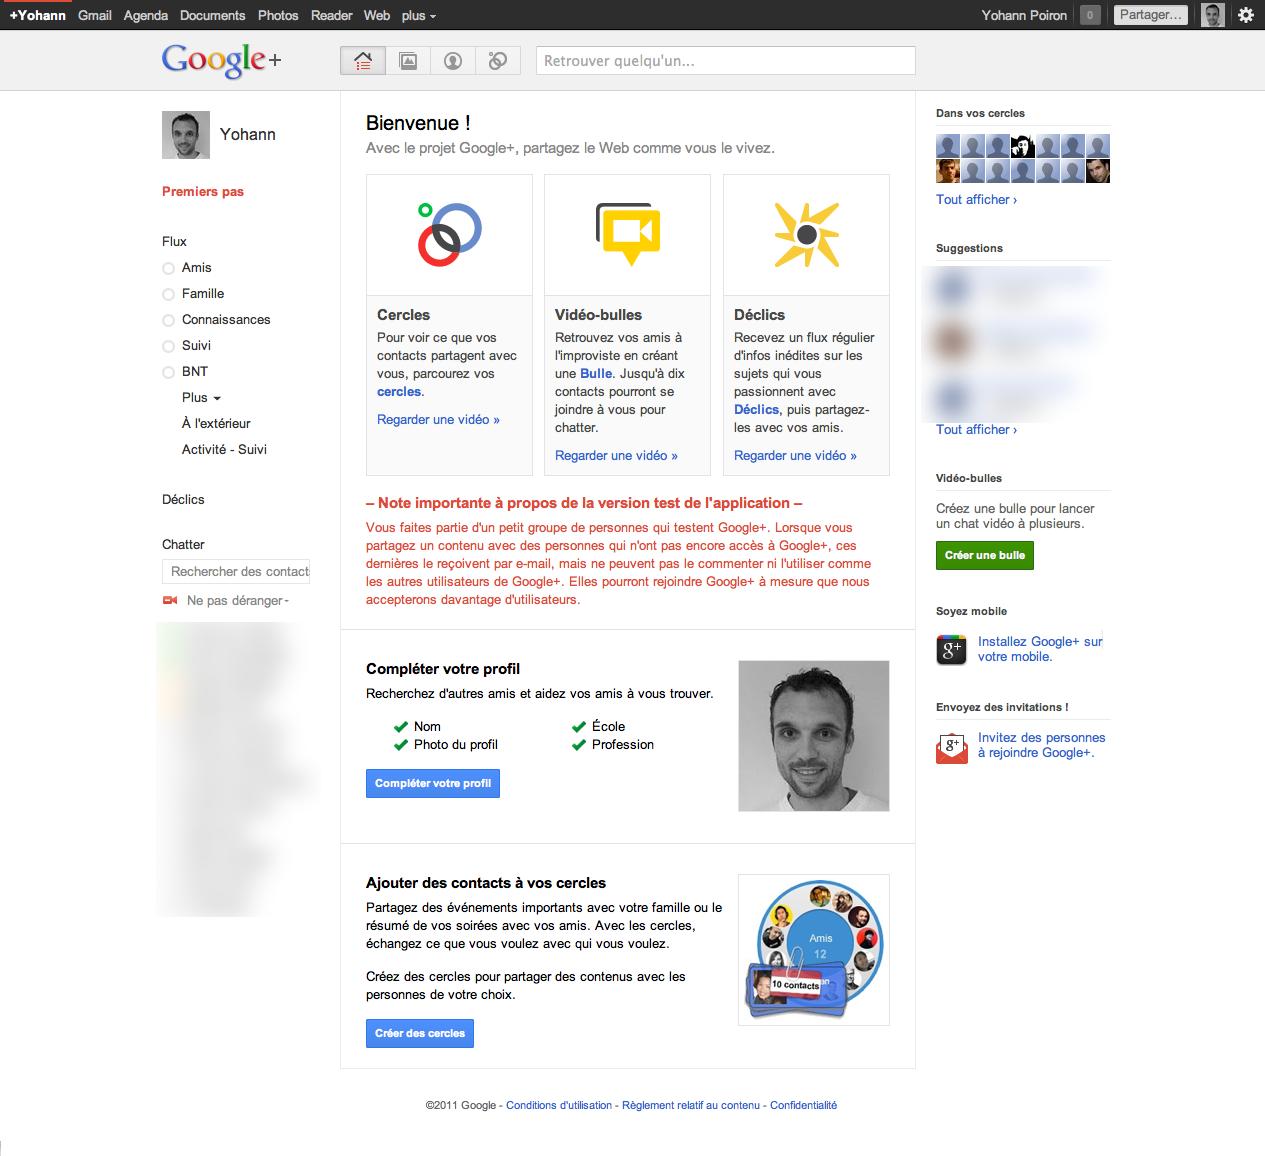 Débuter avec Google+, voici votre guide complet - Écran d'accueil Google+